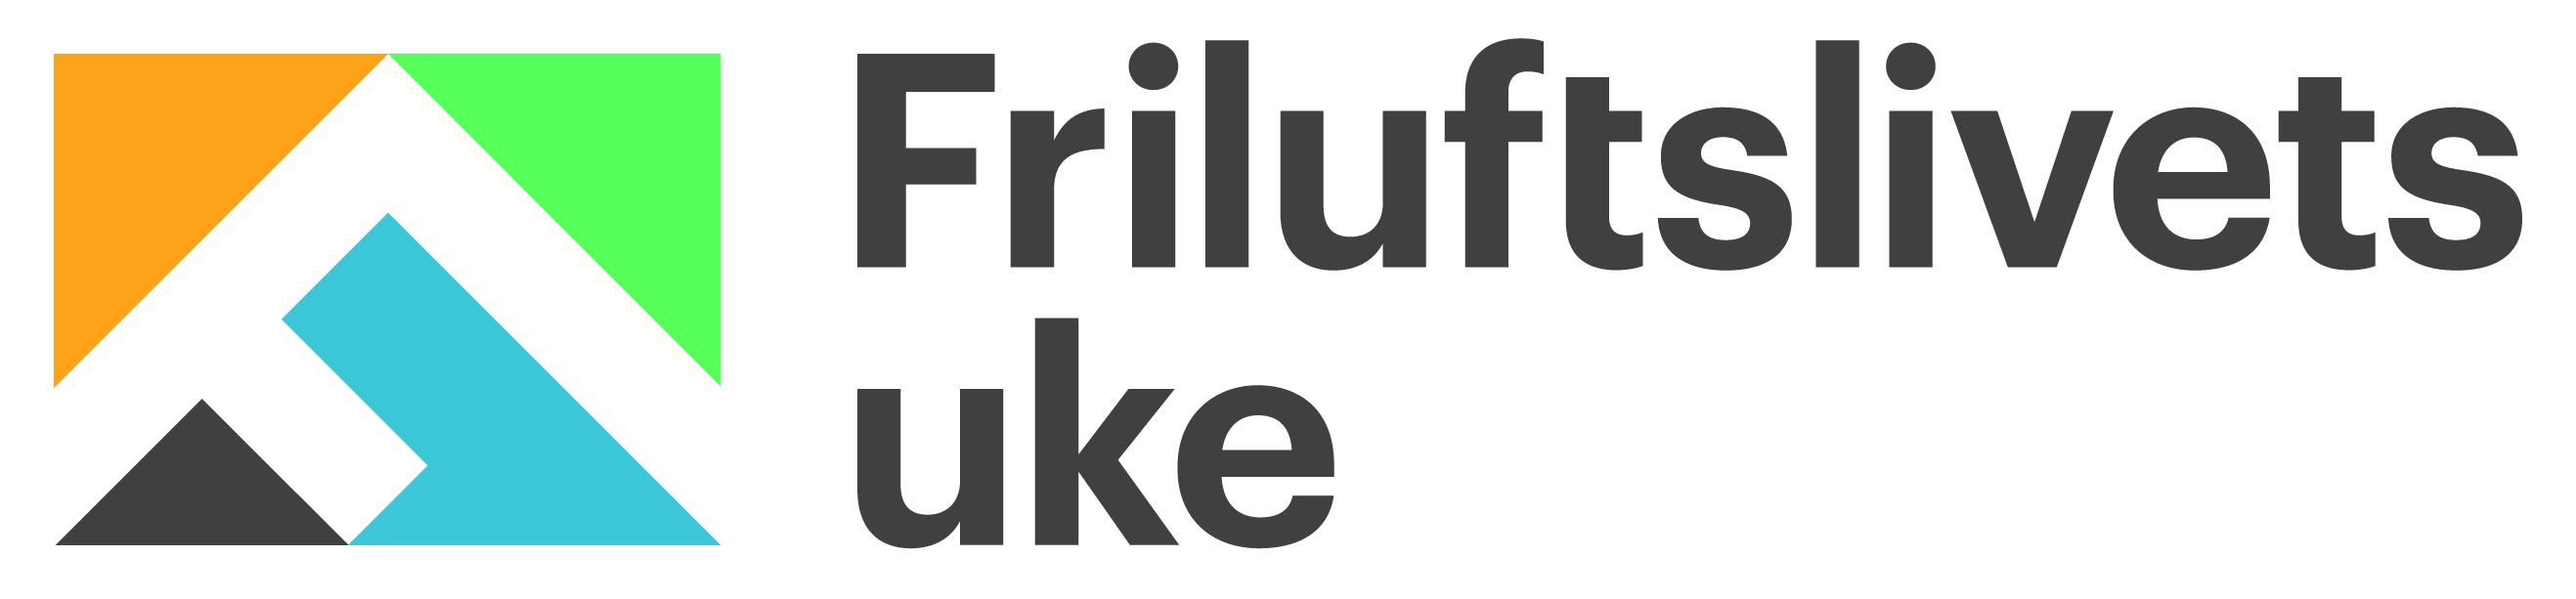 Logo_Friluftslivets uke_lang.jpg